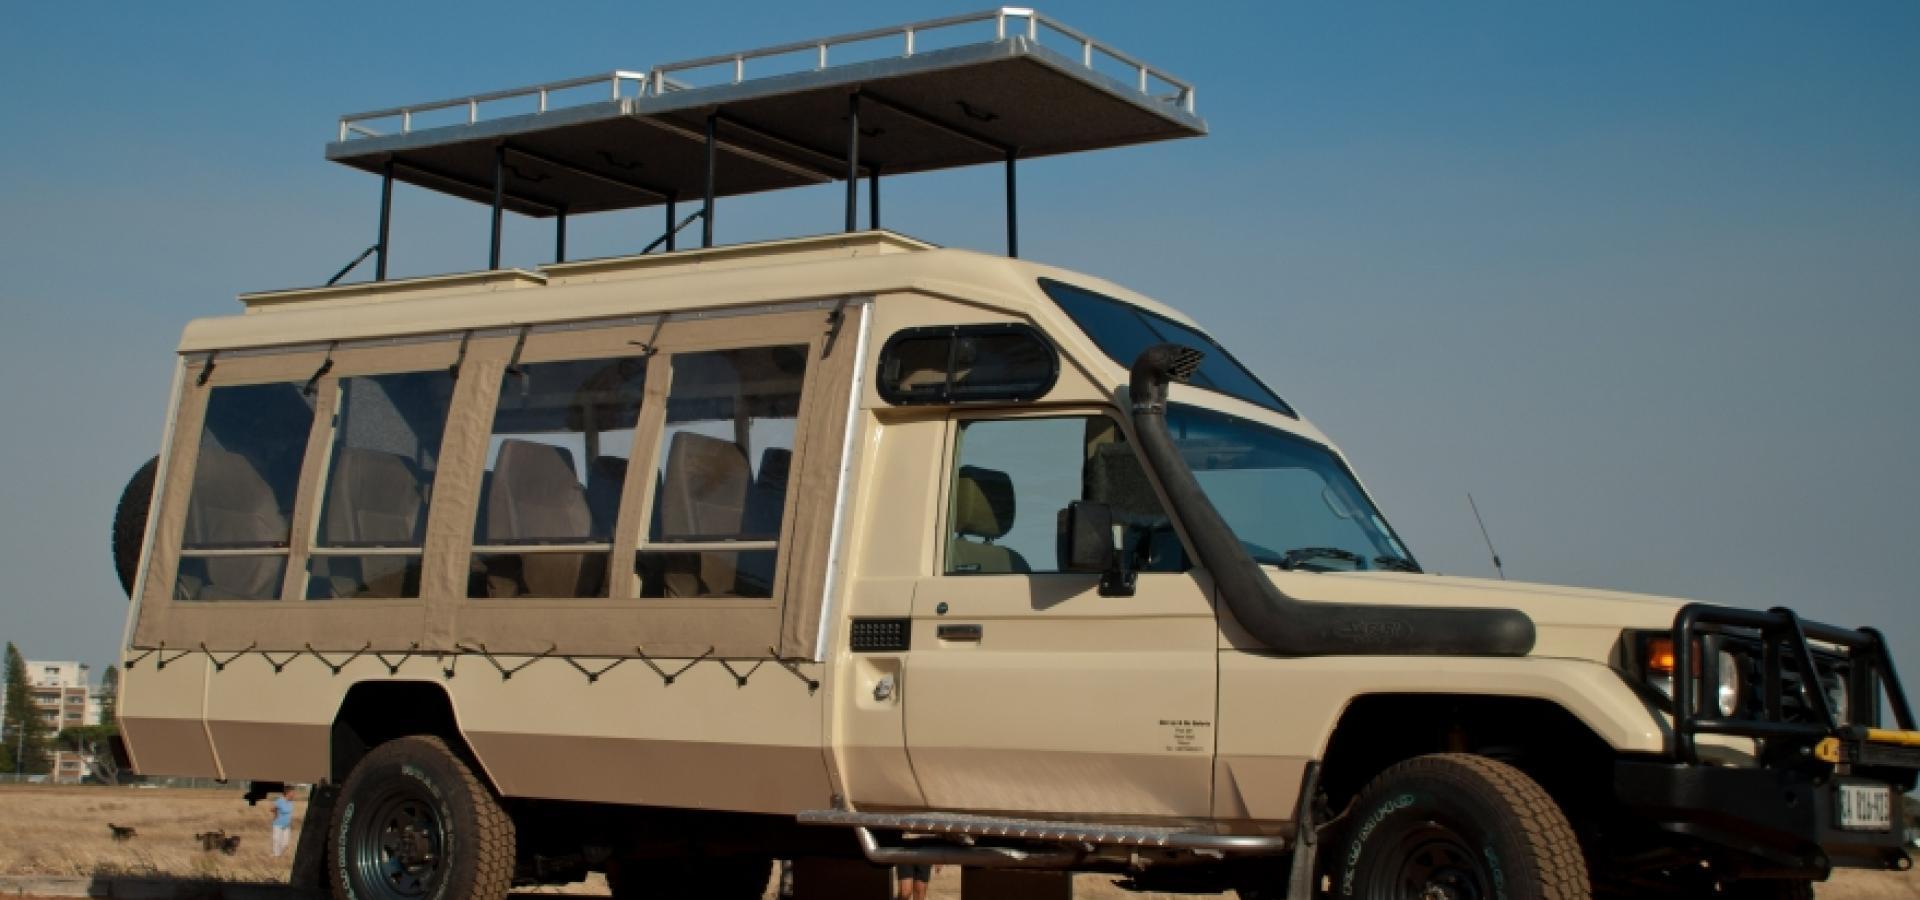 Safaritruck